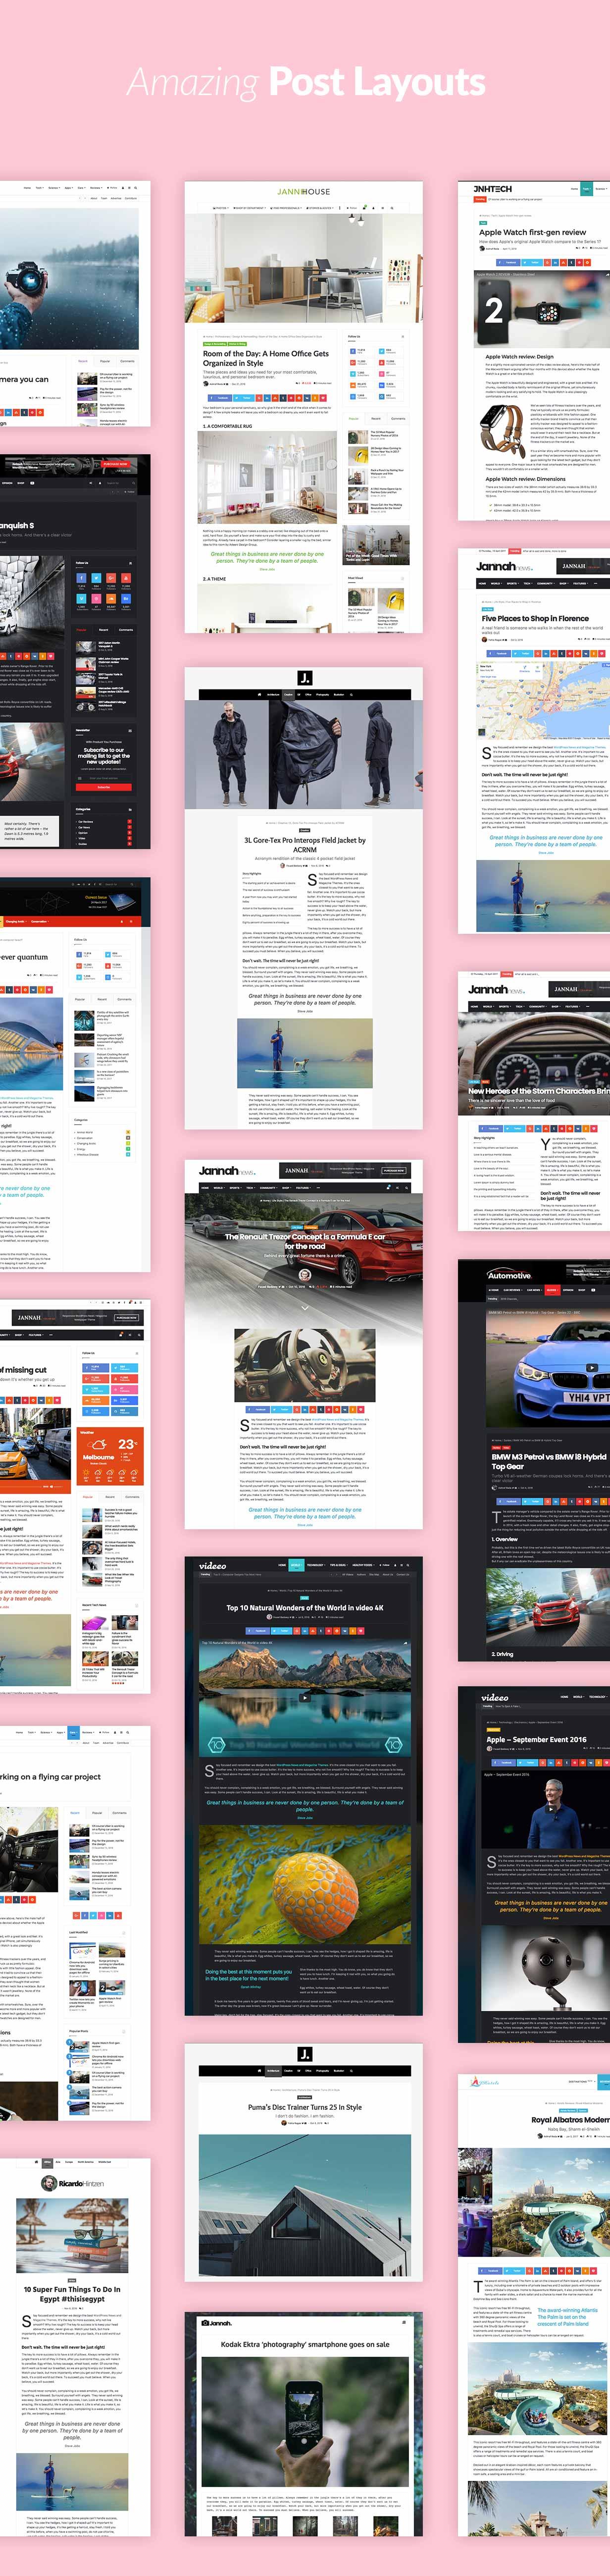 posts layouts - Jannah - Newspaper Magazine News BuddyPress AMP